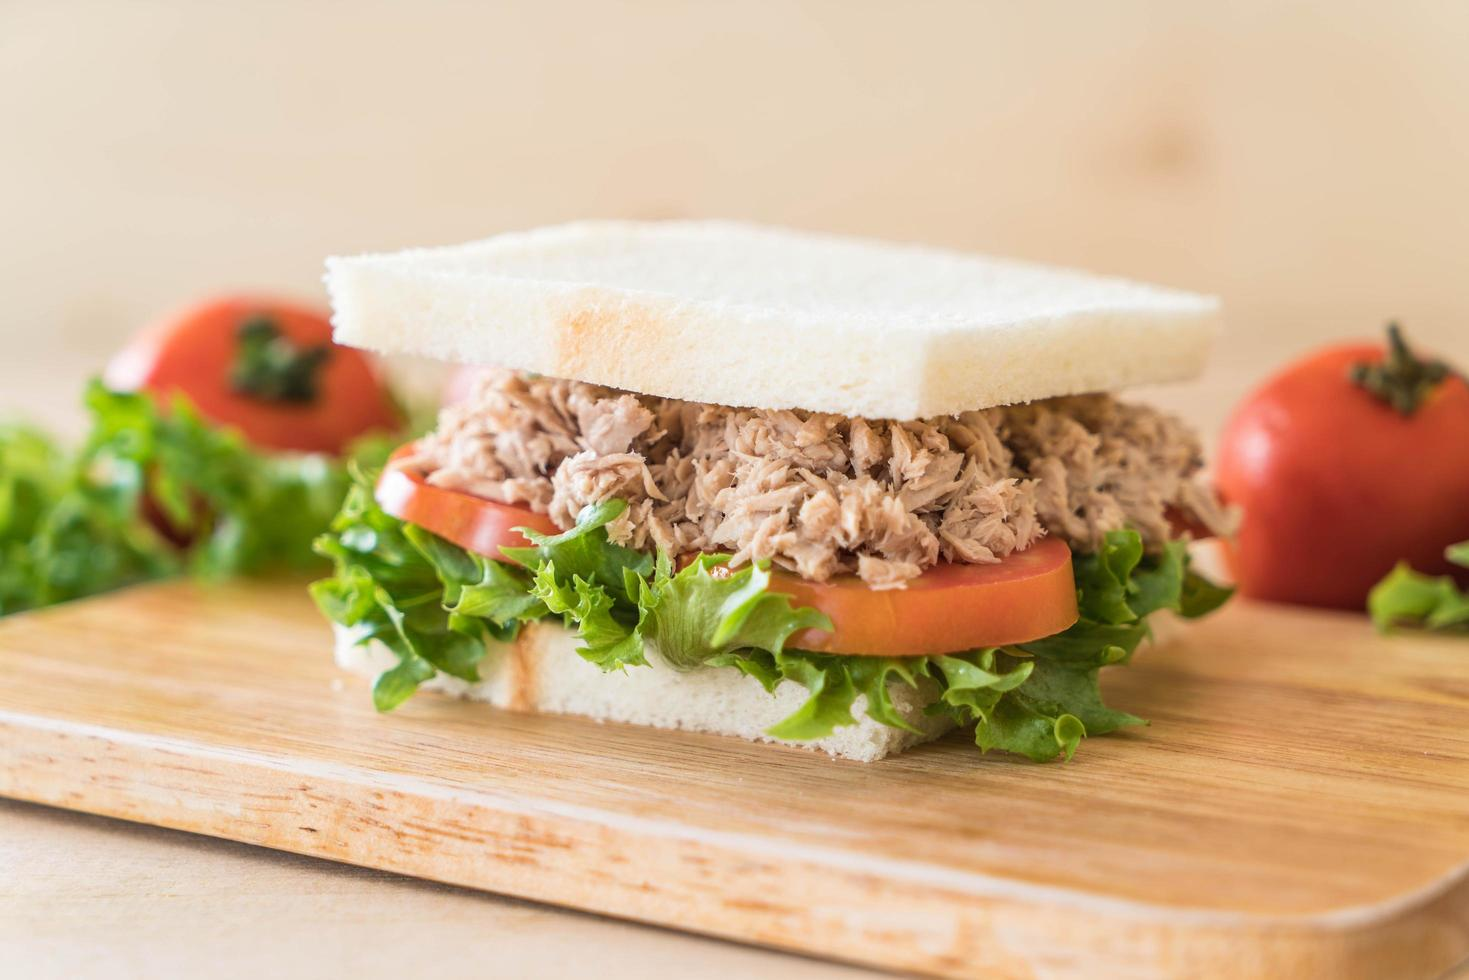 Thunfisch-Sandwich auf Schneidebrett foto